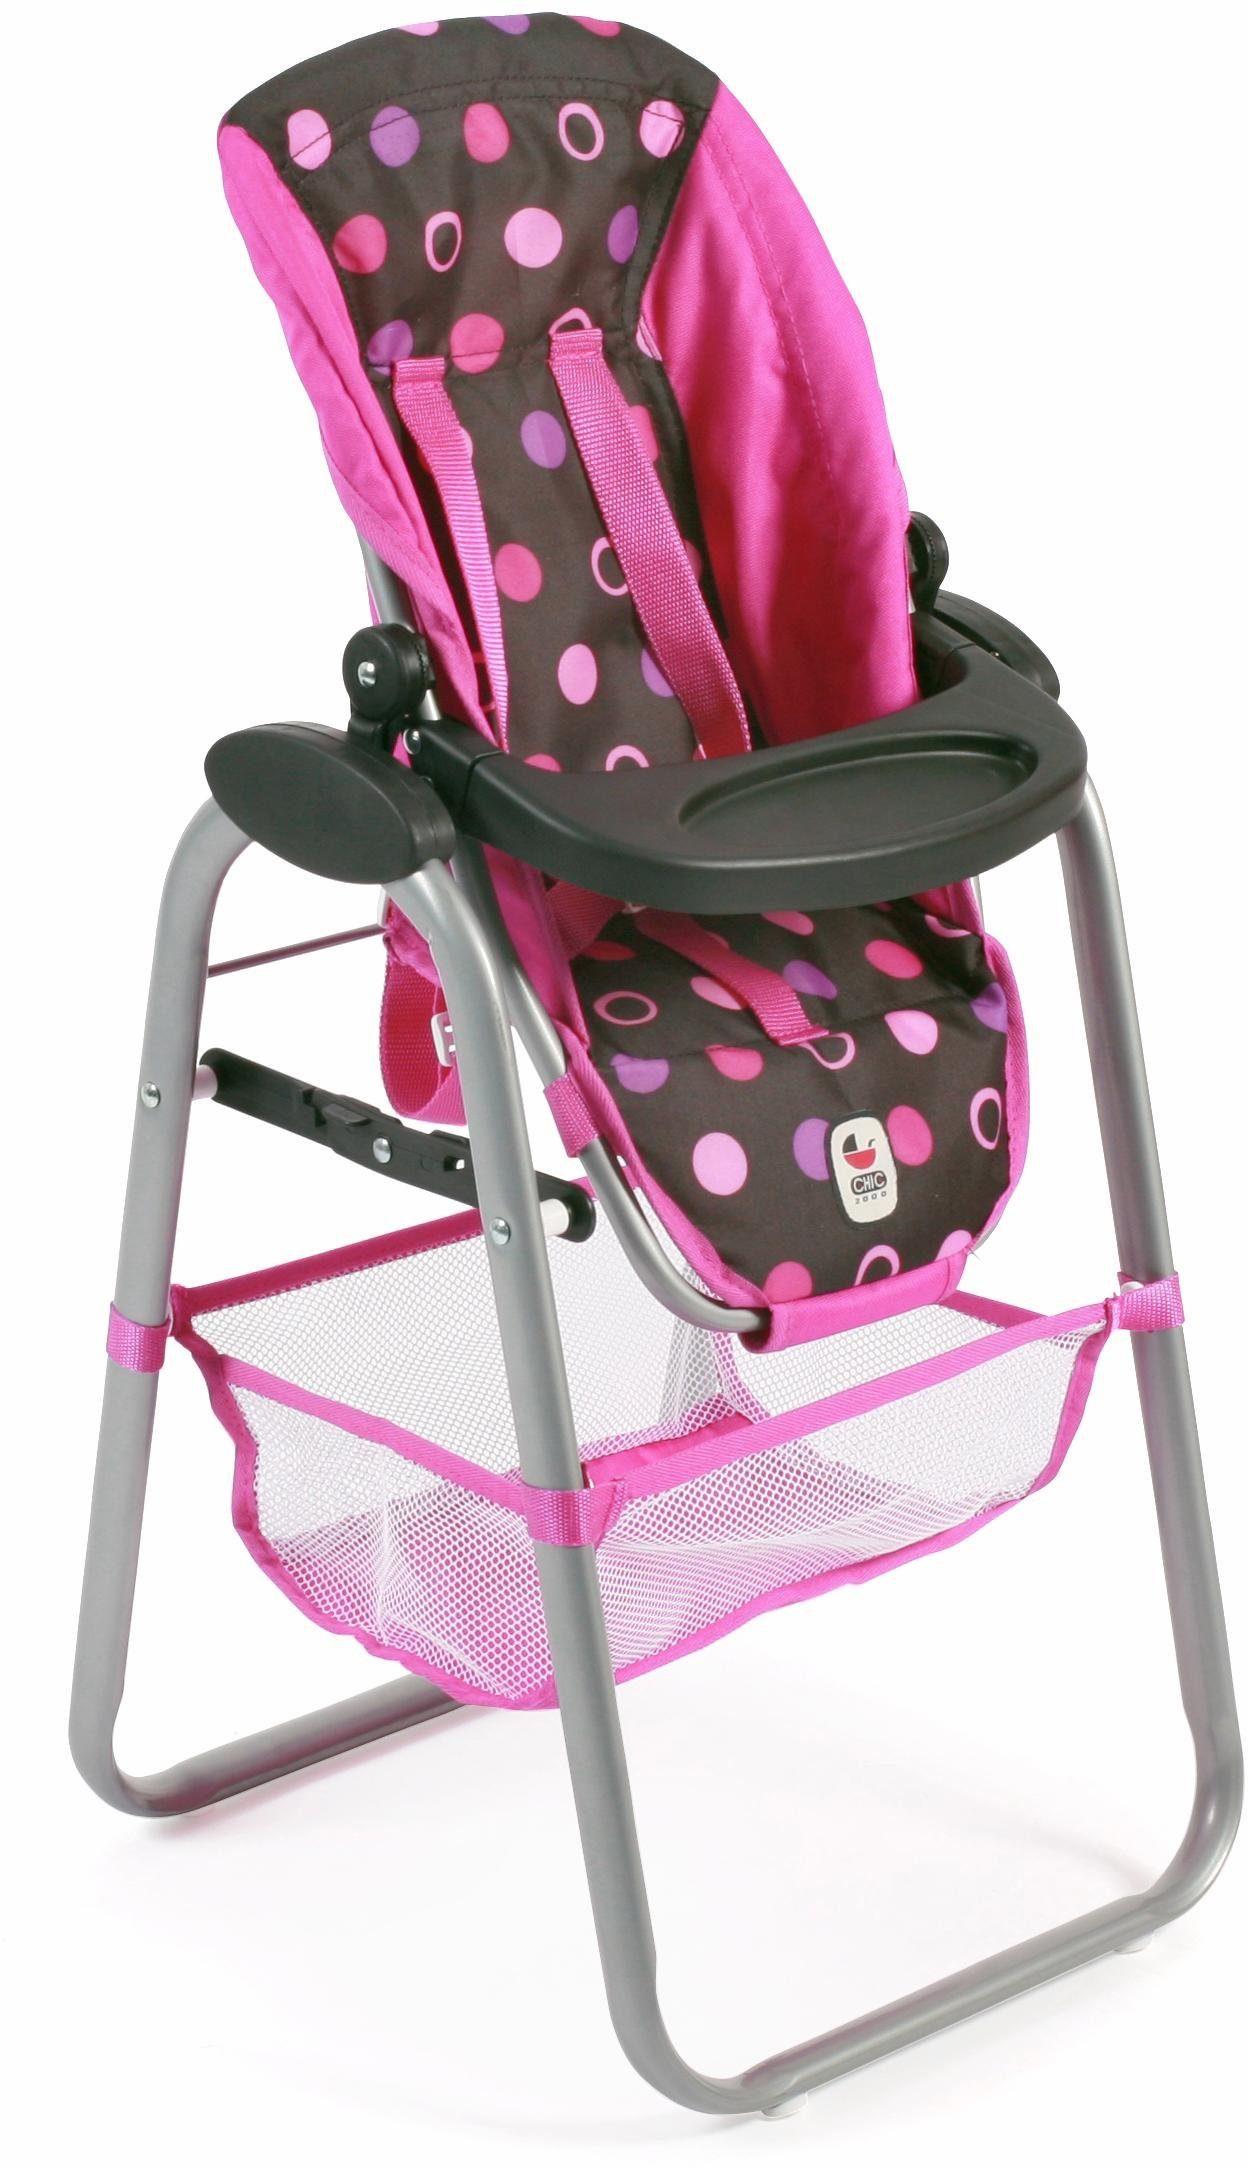 CHIC2000 Puppen Hochstuhl mit abnehmbarem Tablett, »schwarz-pink«